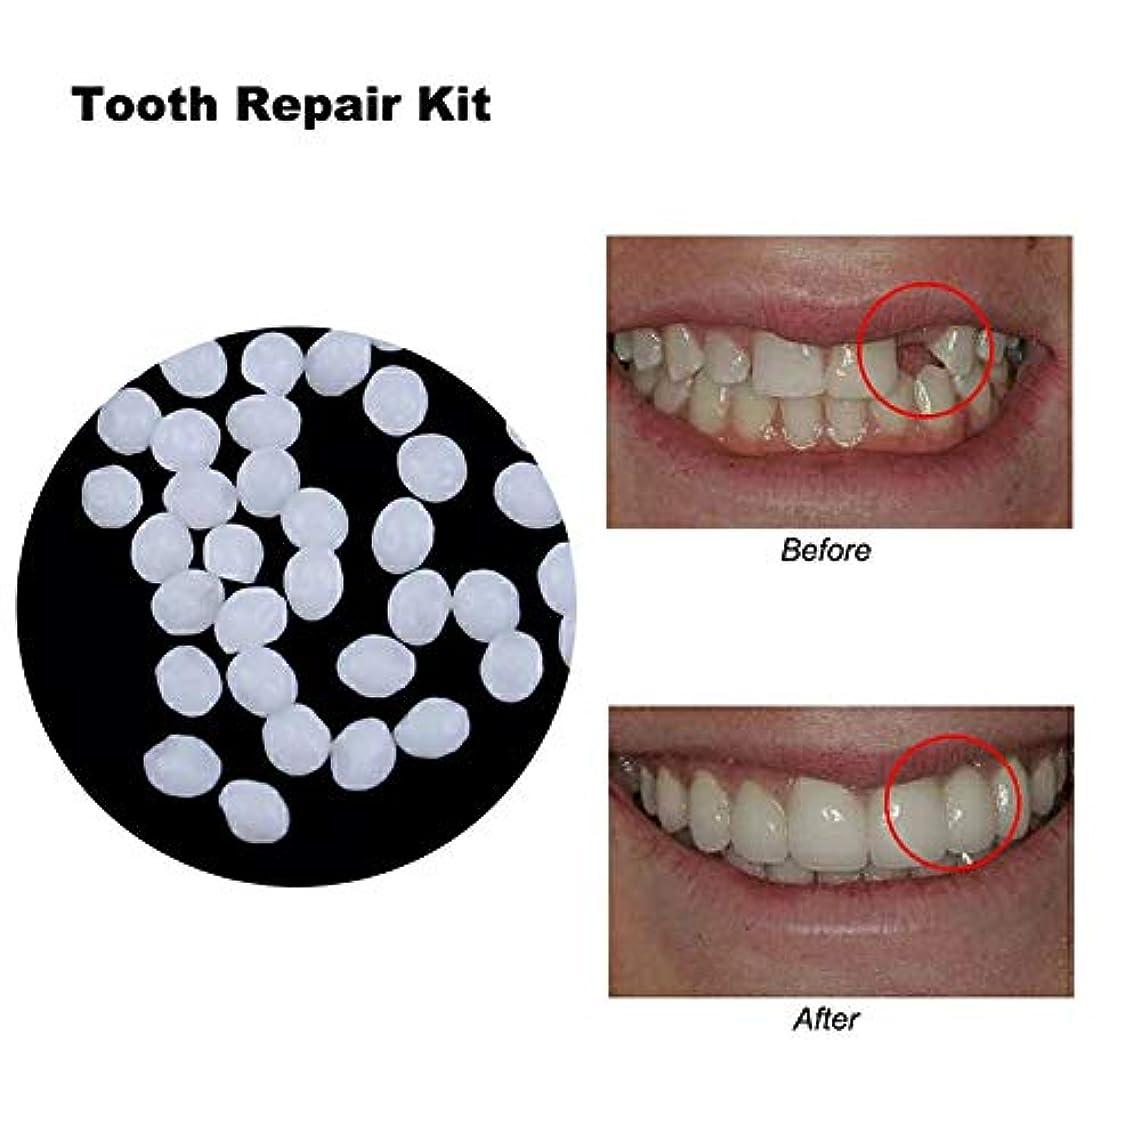 お互い必要性モトリー偽歯固体接着剤、樹脂の歯とギャップのための一時的な化粧品の歯の修復キットクリエイティブ義歯接着剤,30ml32g